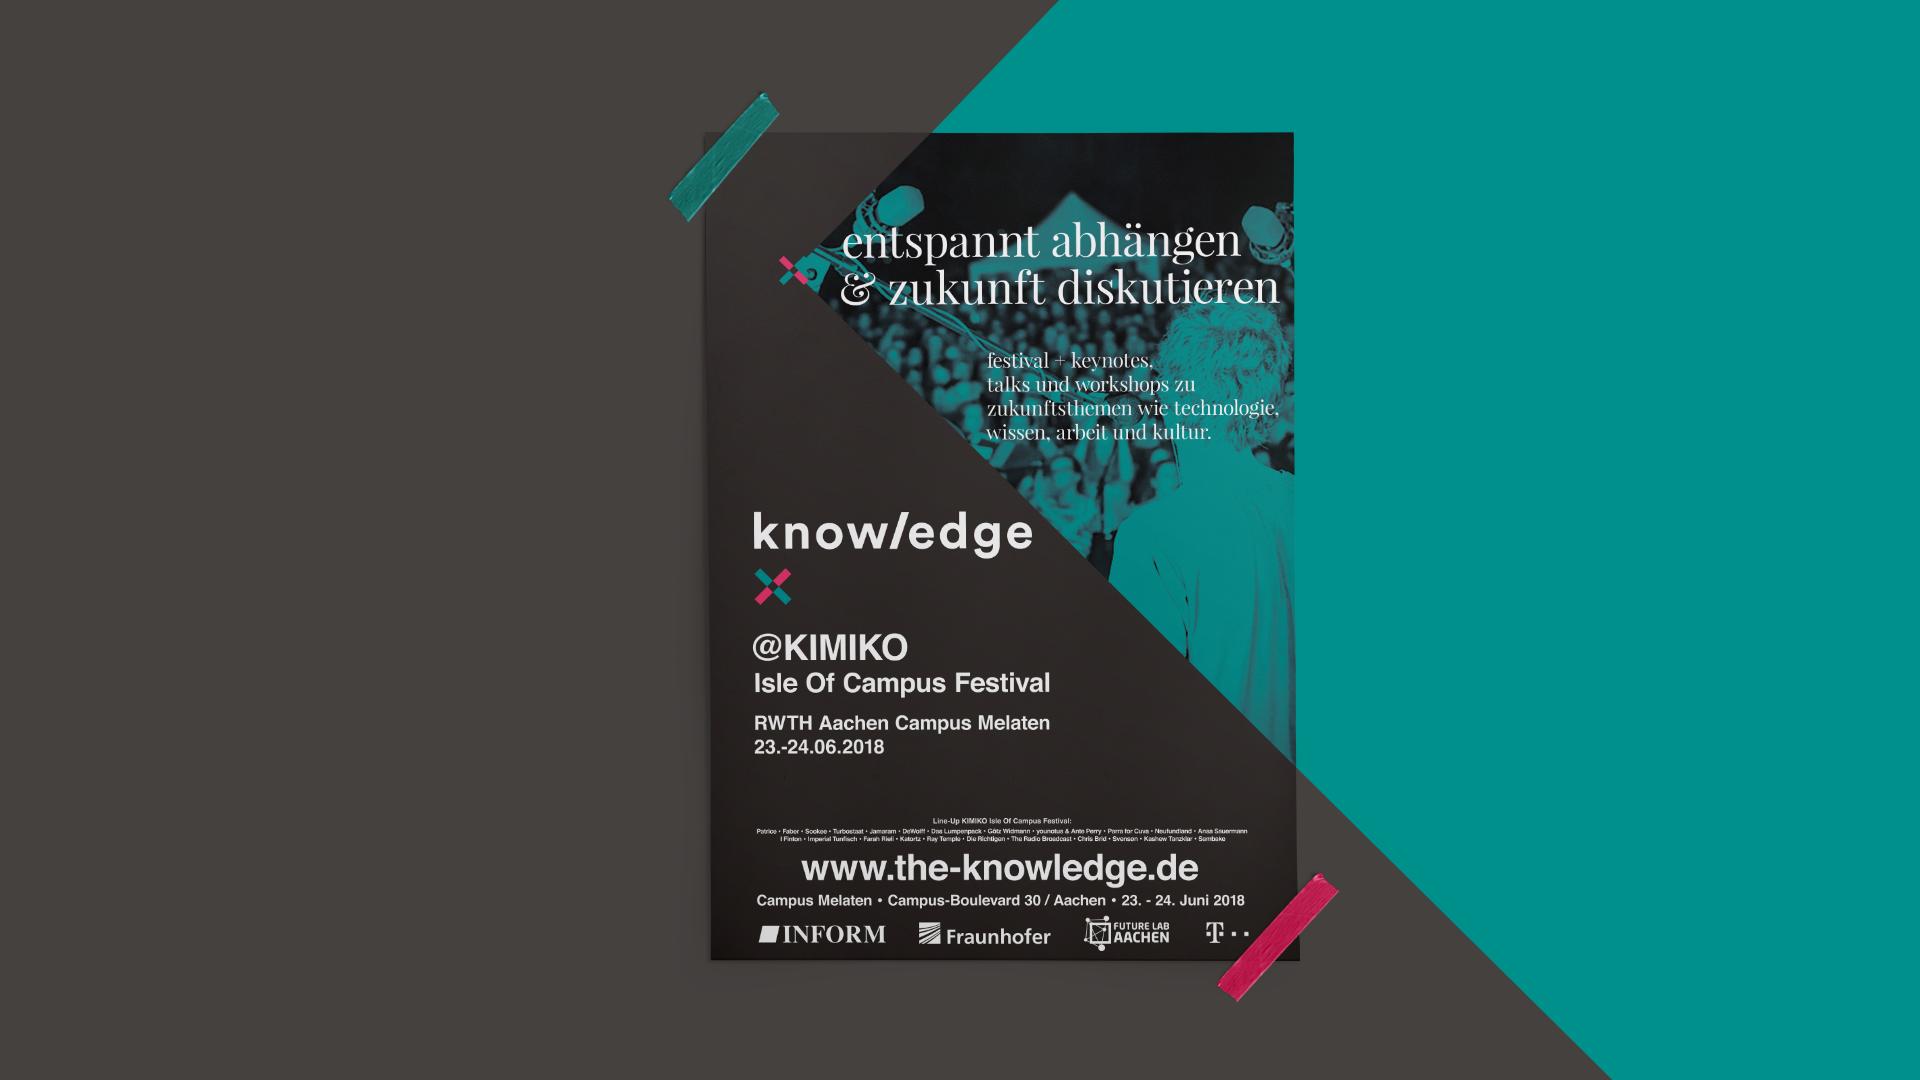 """Poster im Corporate Design von The Knowledge mit dem Titel """"Entspannt abhängen & Zukunft diskutieren."""""""